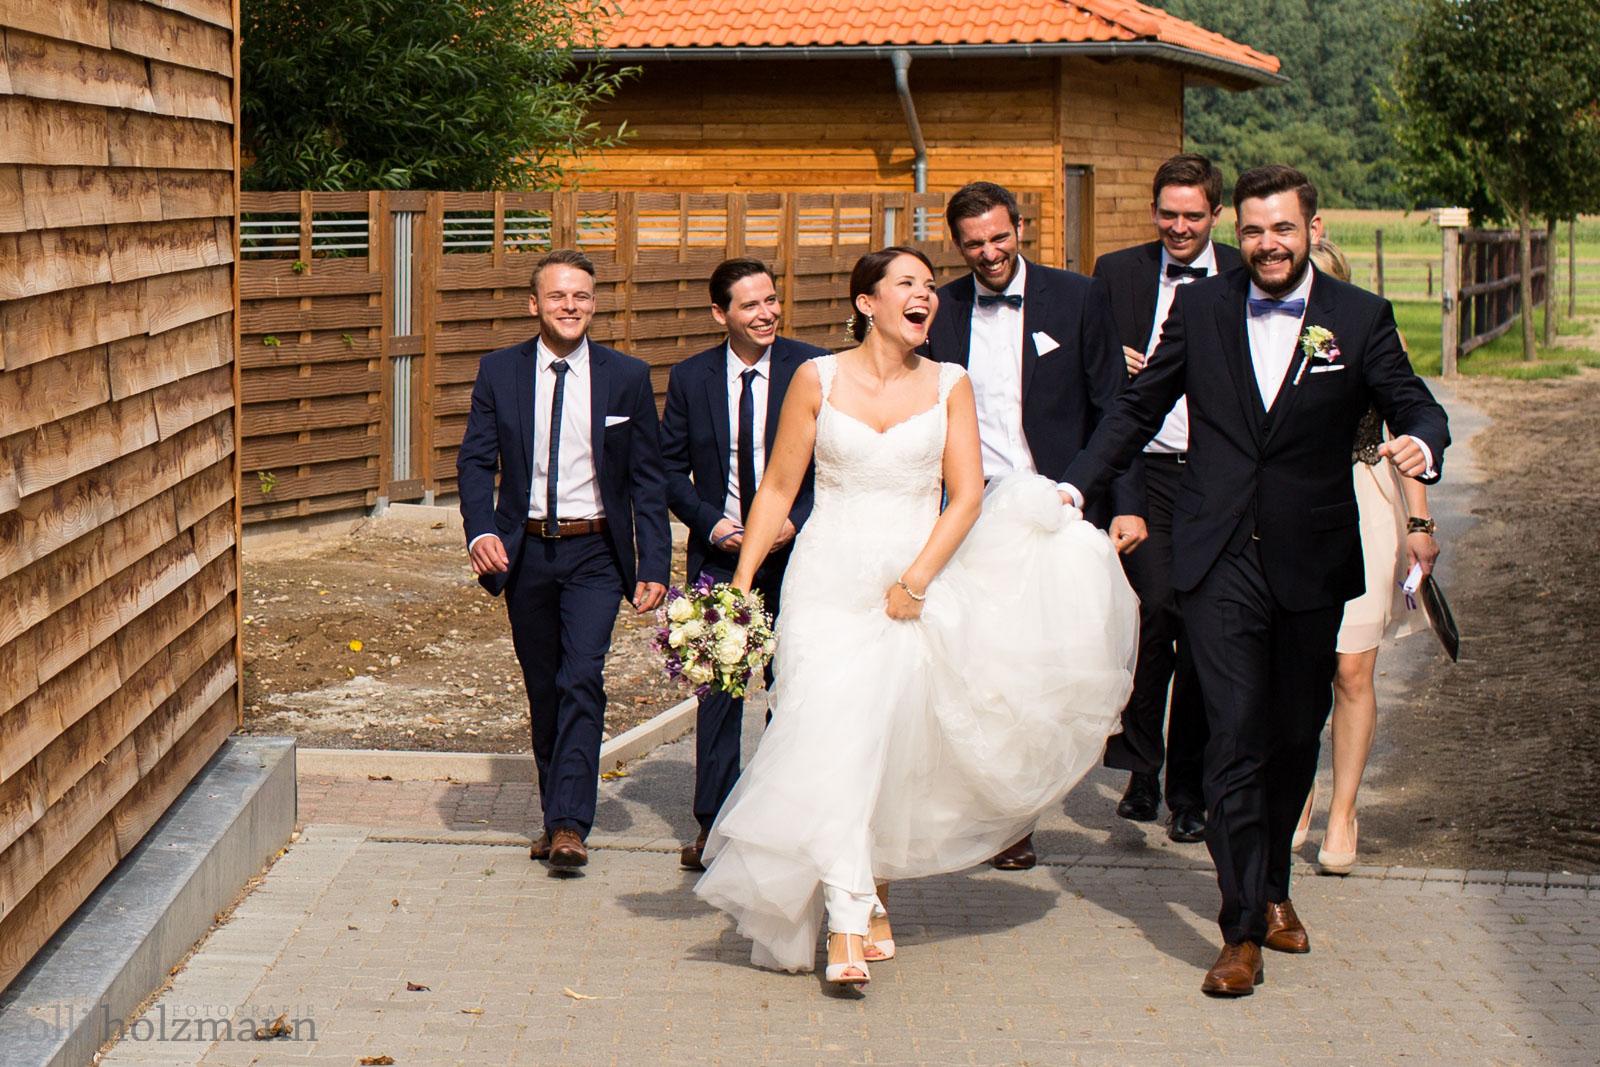 Hochzeitsfotograf_Sonsbeck-59.jpg